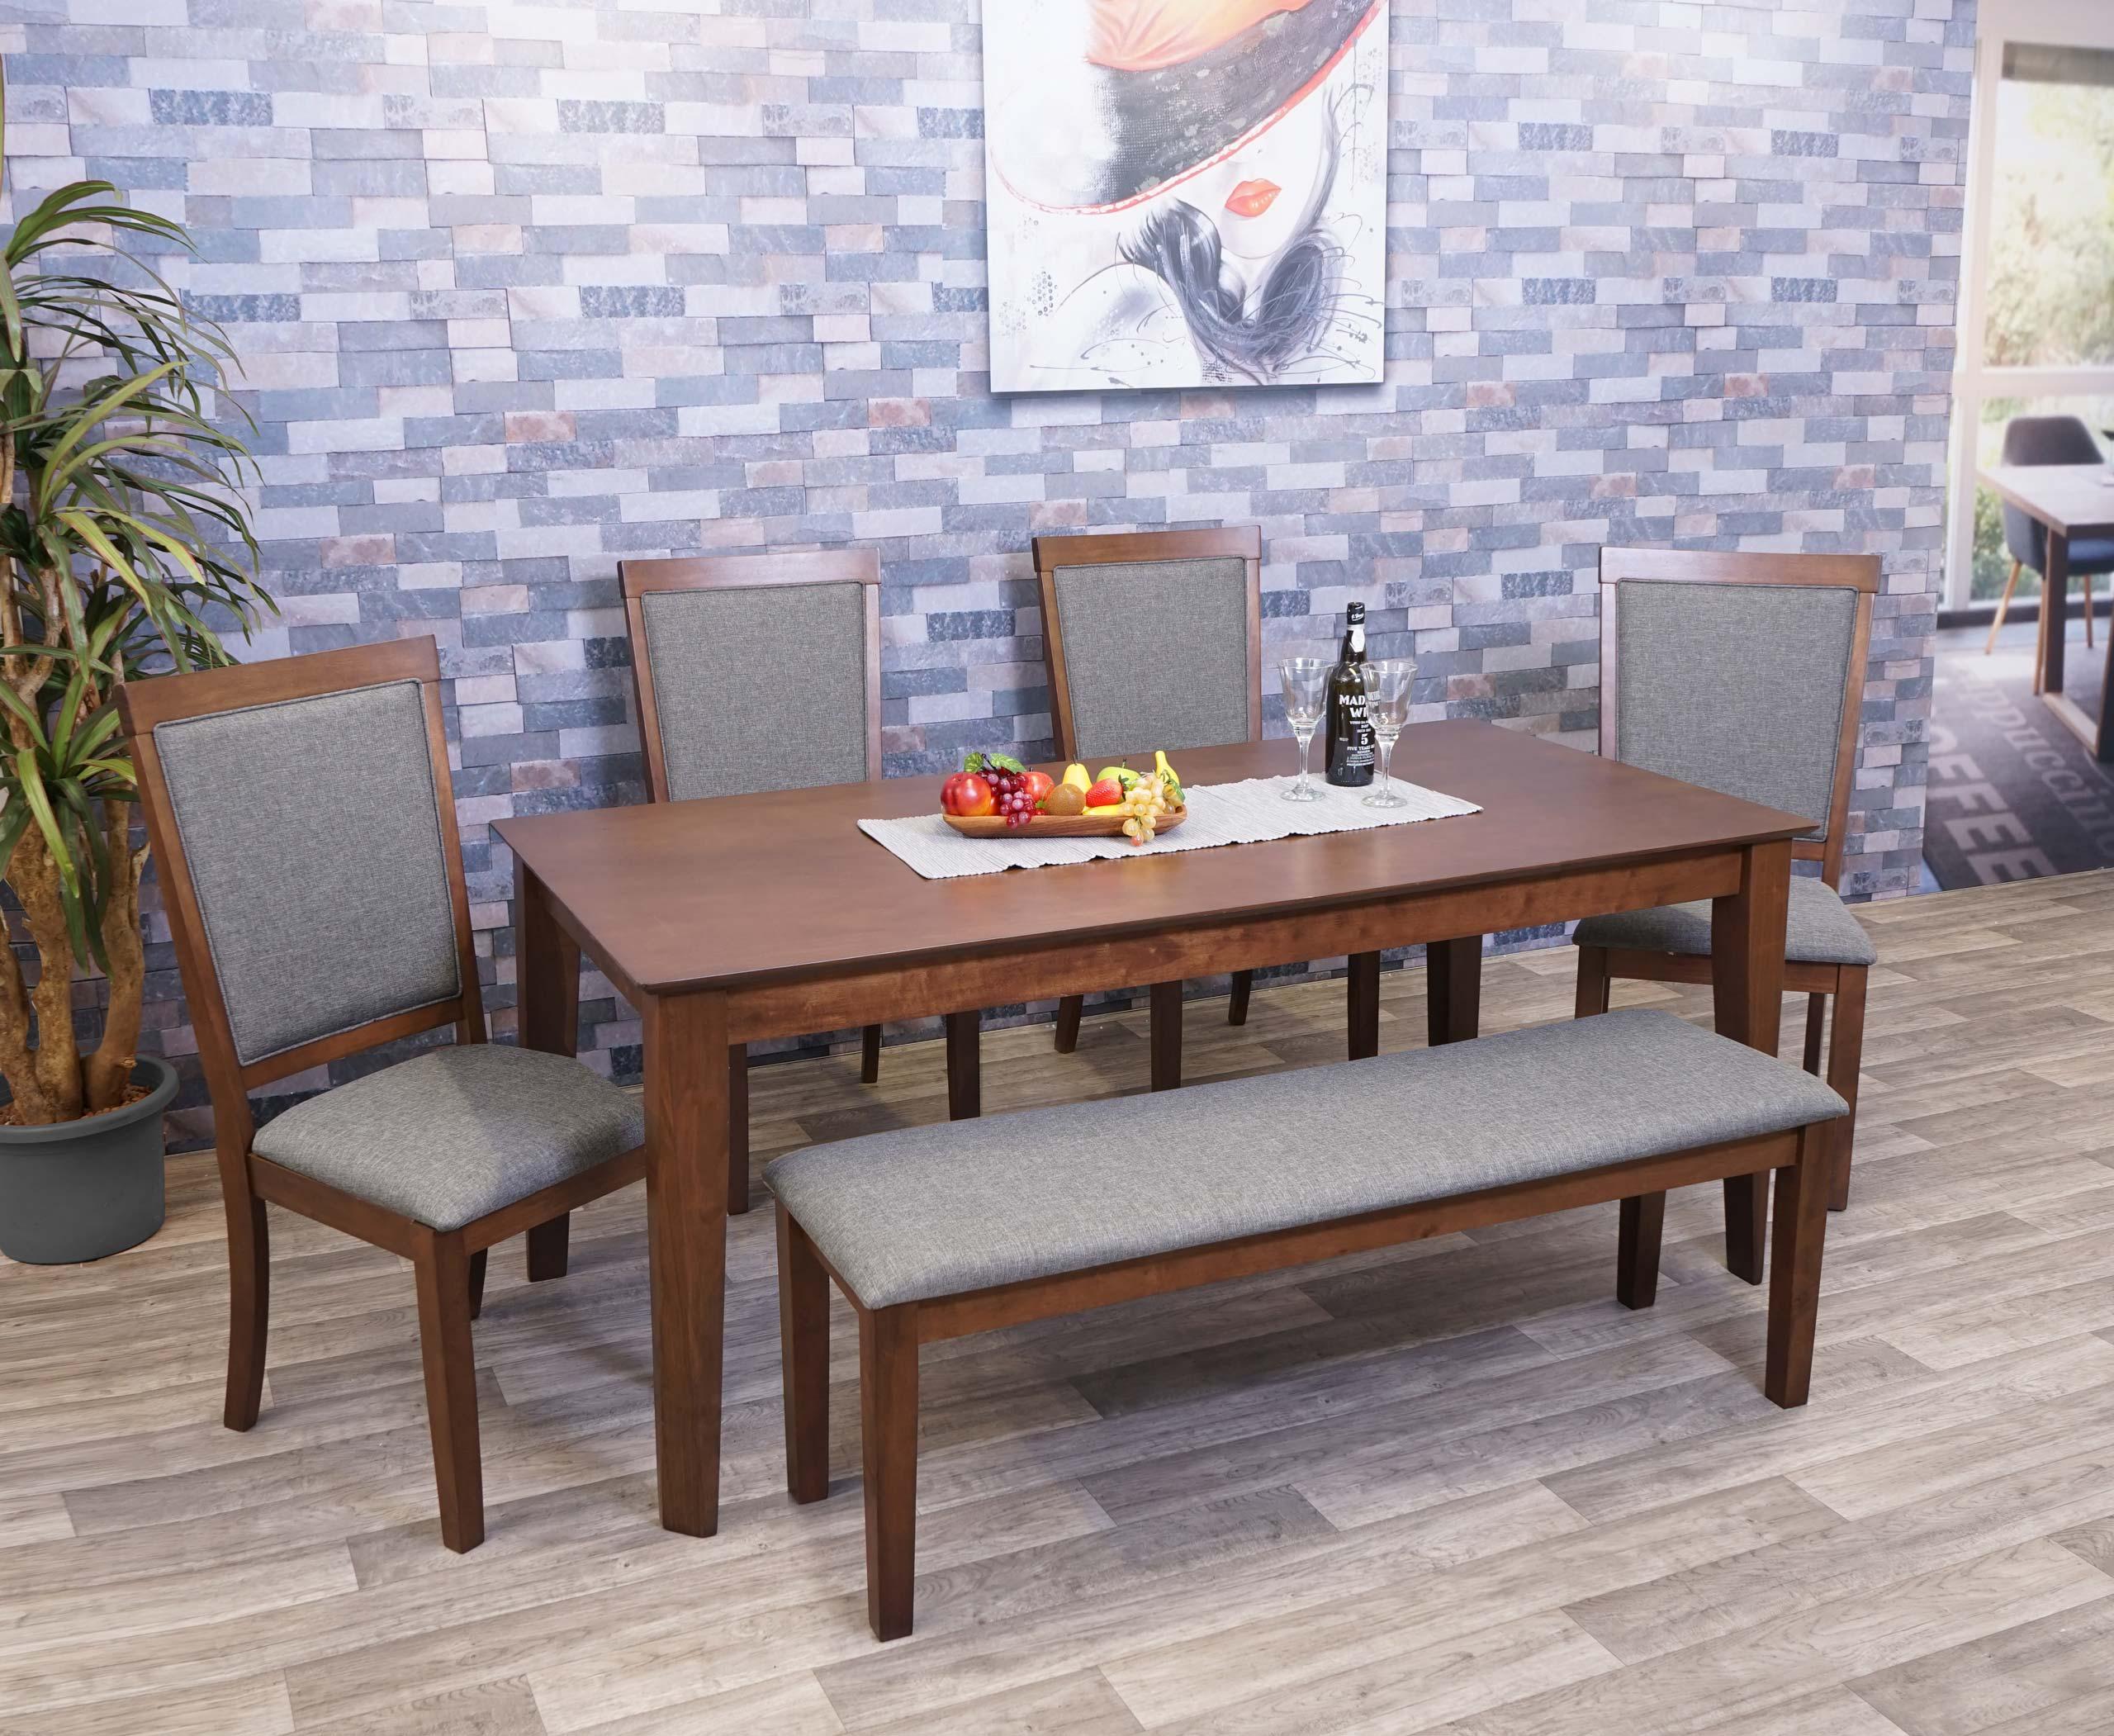 Mendler Esszimmer-Set HWC-G61, Essgruppe Esszimmergruppe Esszimmergarnitur Sitzgruppe, Stoff/Textil Massiv-H 2x71809+71815+71817